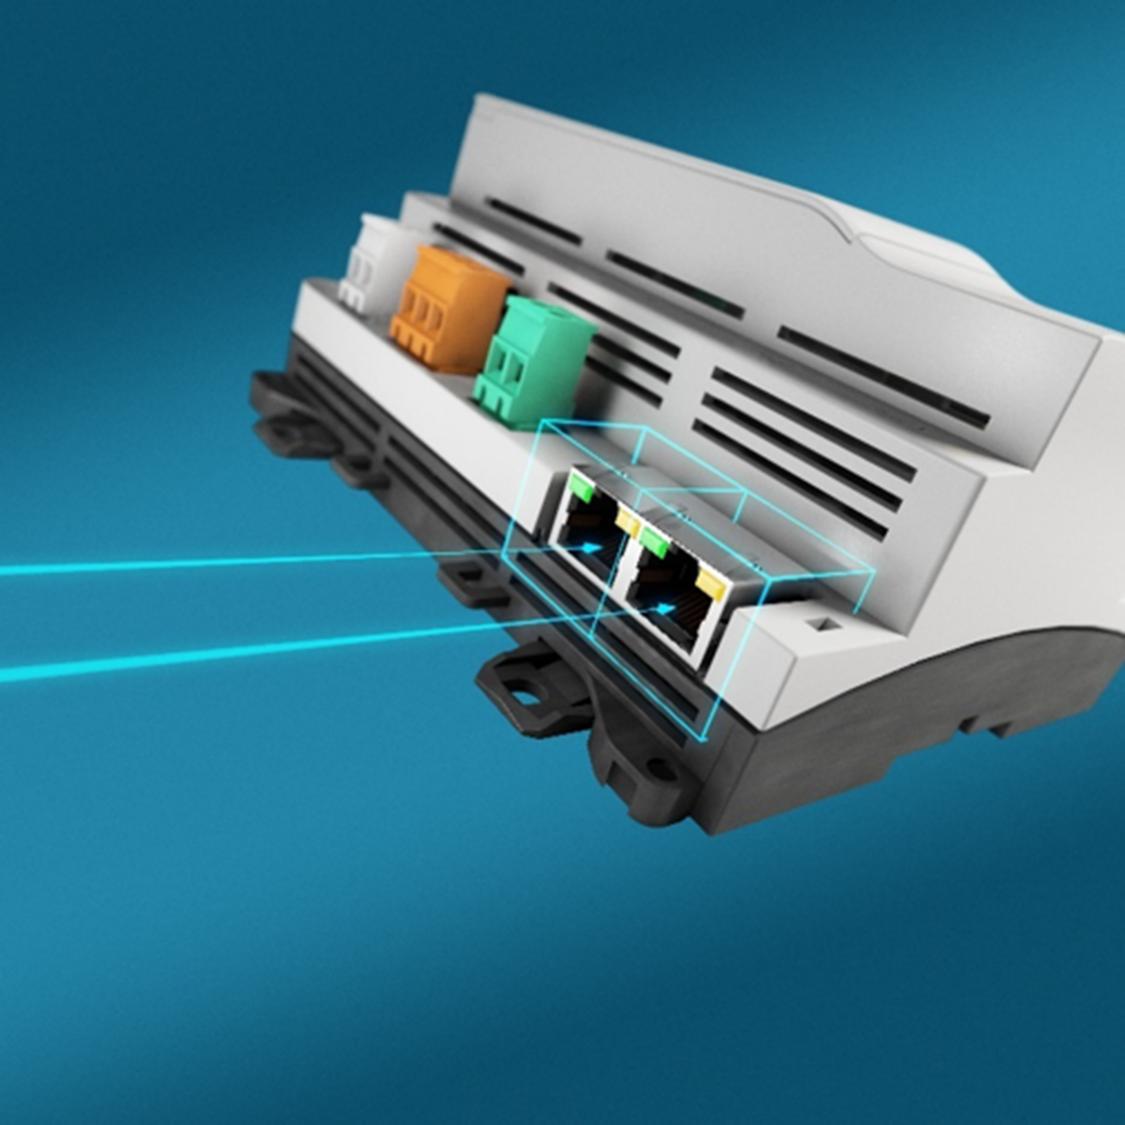 Łatwy dostęp do sterowników Desigo PXC4 i PXC5